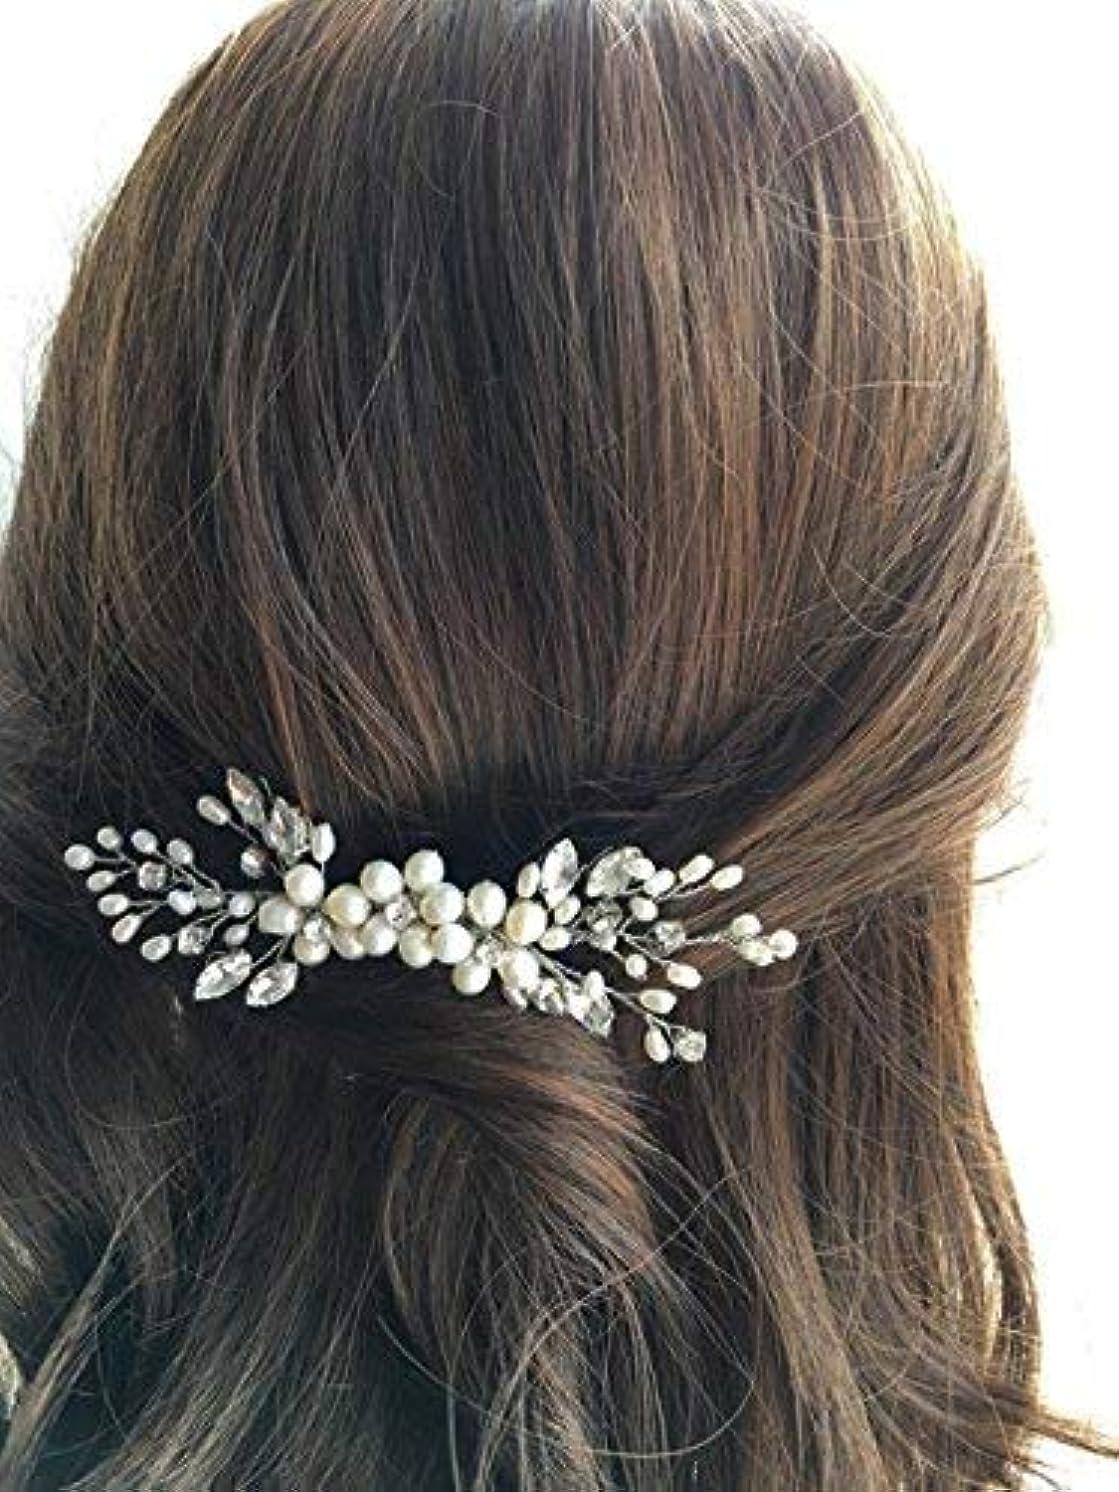 寄託規制シネウィJovono Bride Wedding Hair Comb Bridal Head Accessories Beaded Crystal Headpieces for Women and Girls (Silver) [並行輸入品]